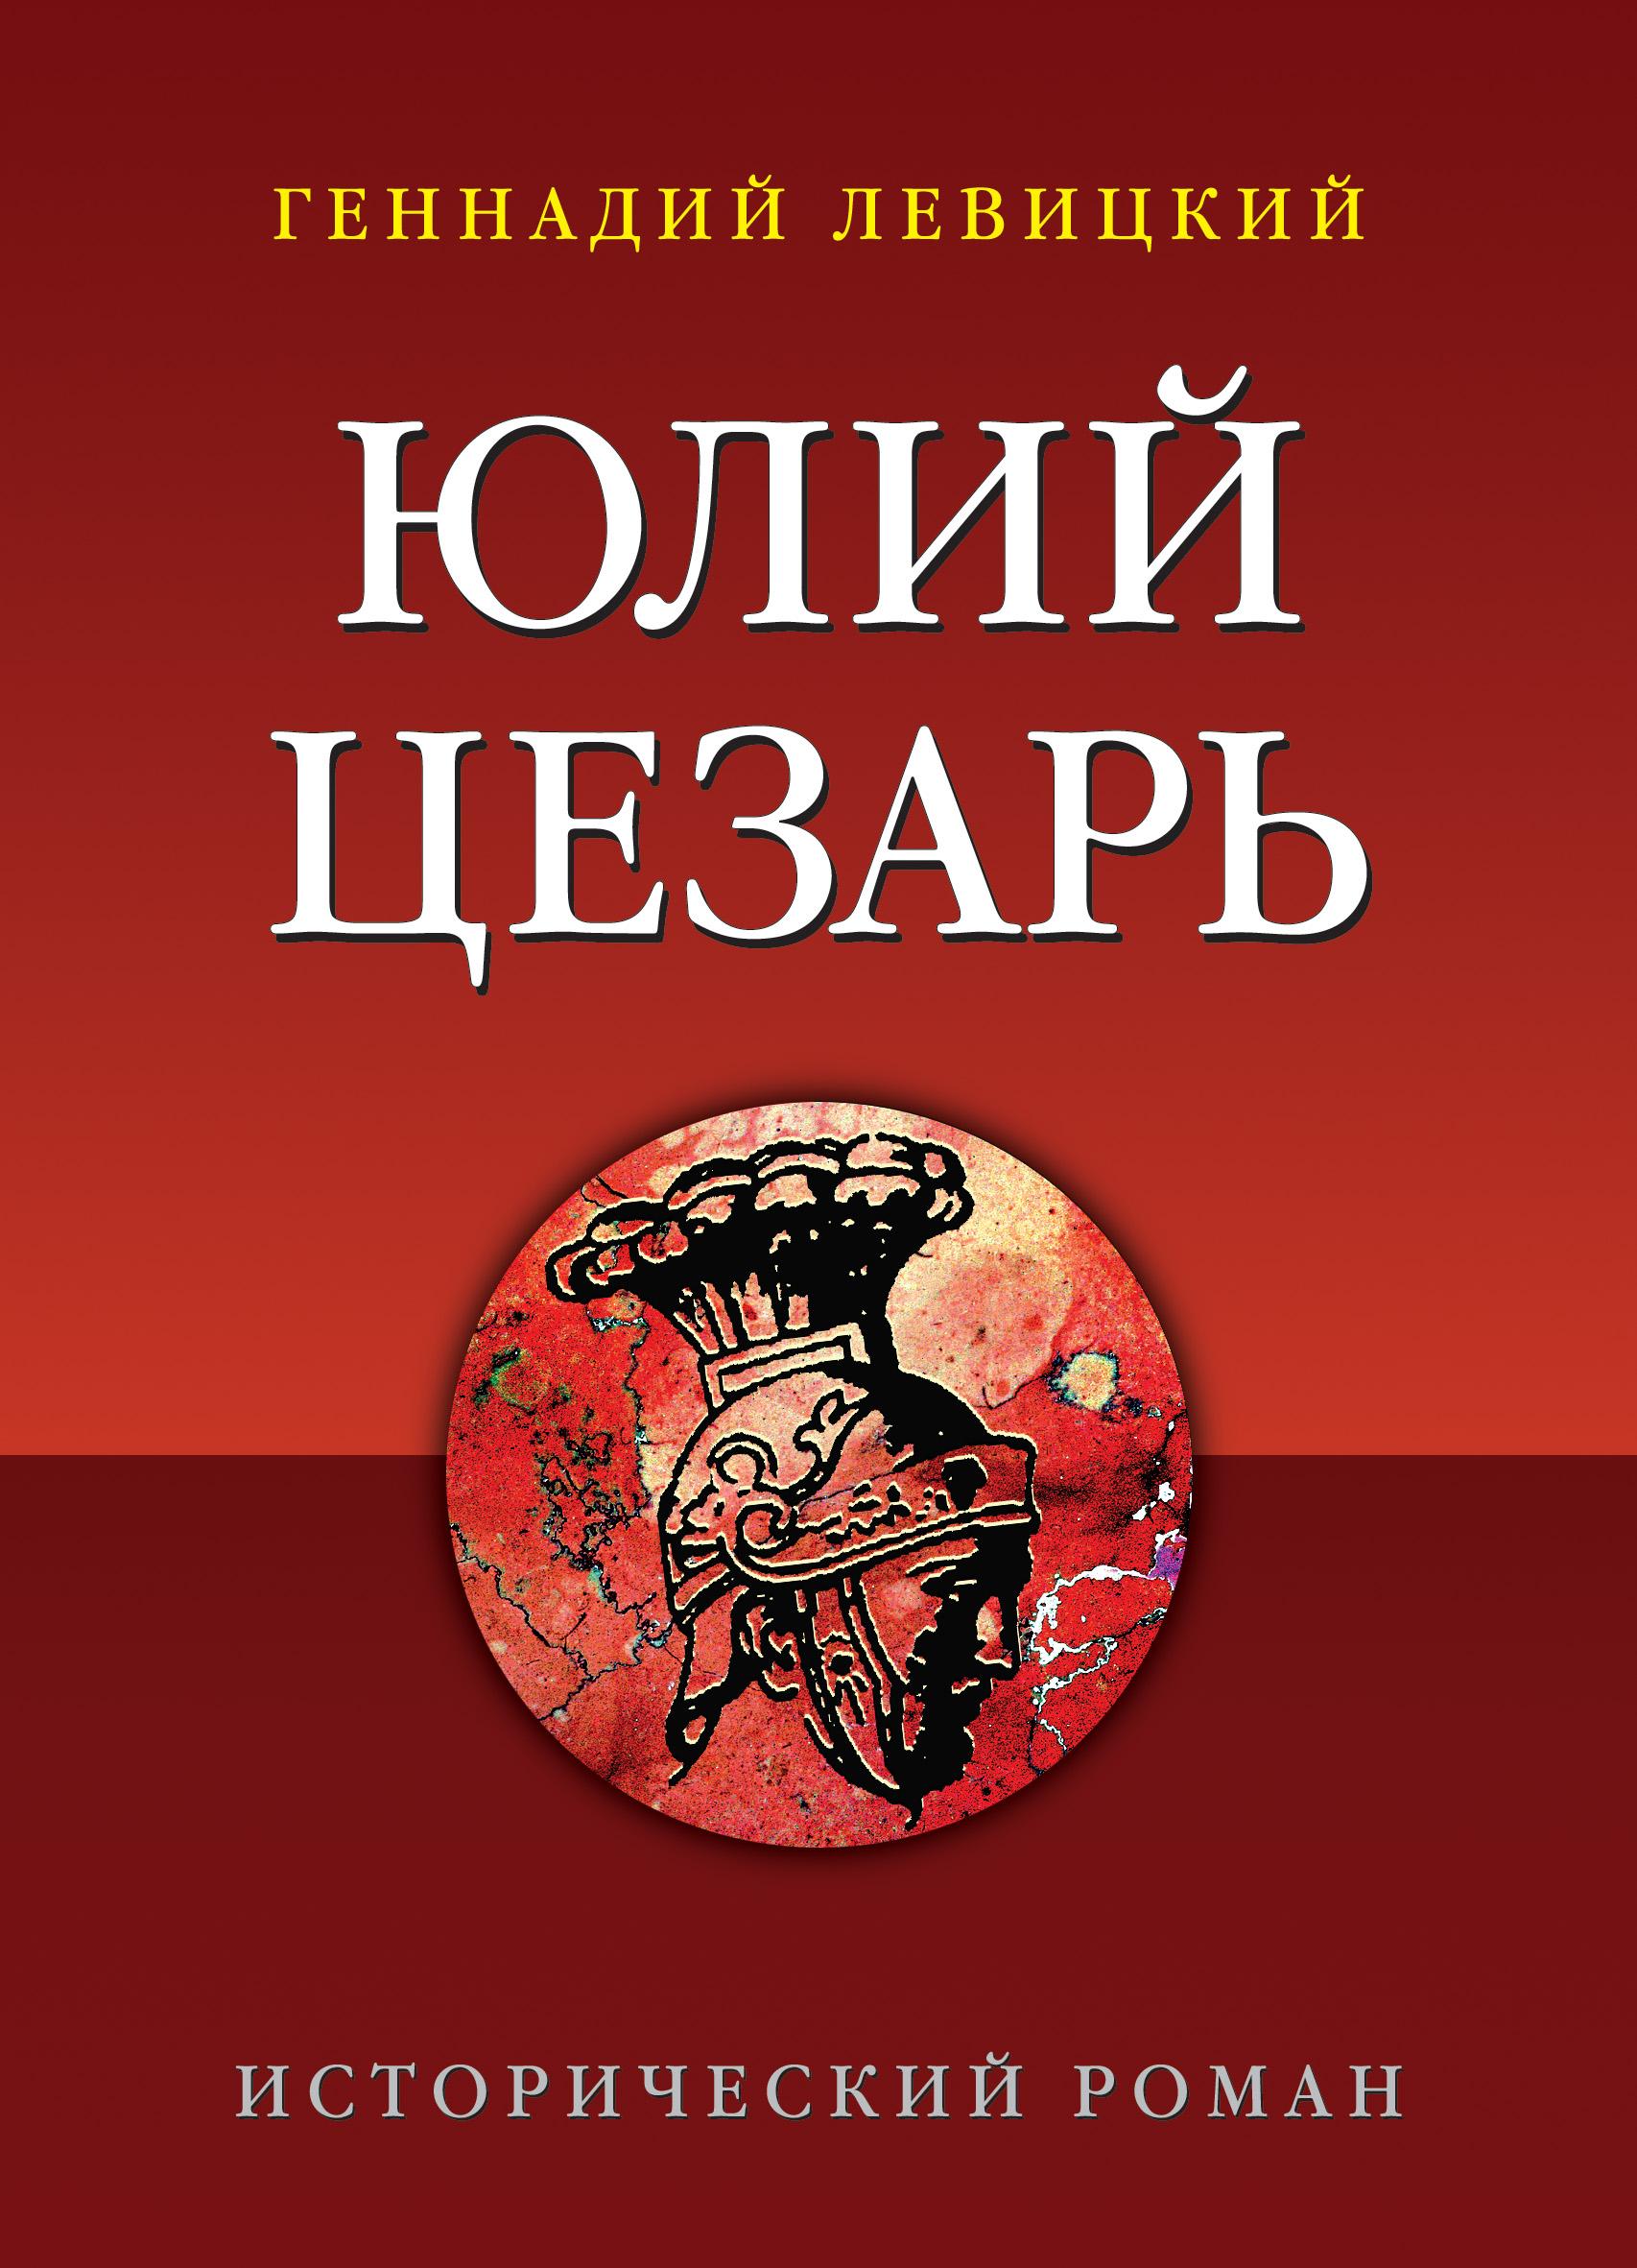 Геннадий Левицкий Юлий Цезарь вел тэйк